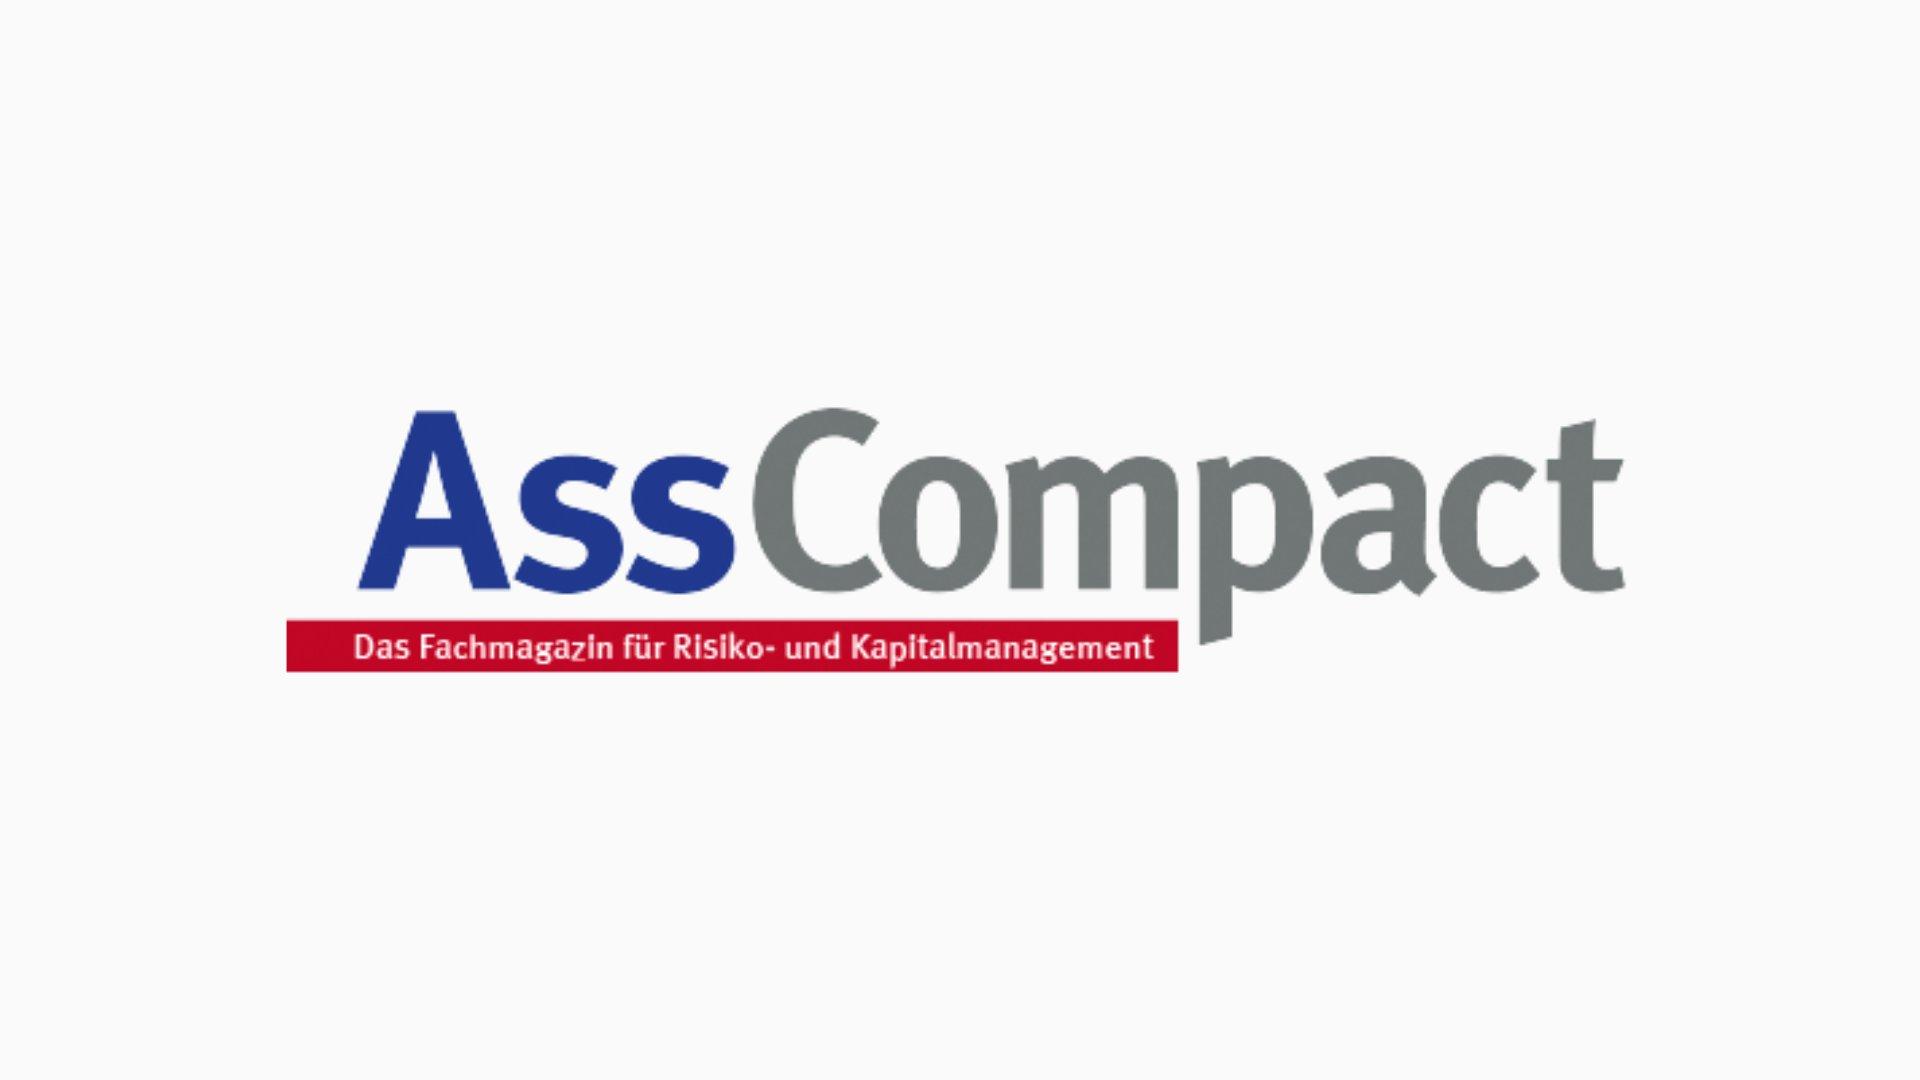 AssCompact